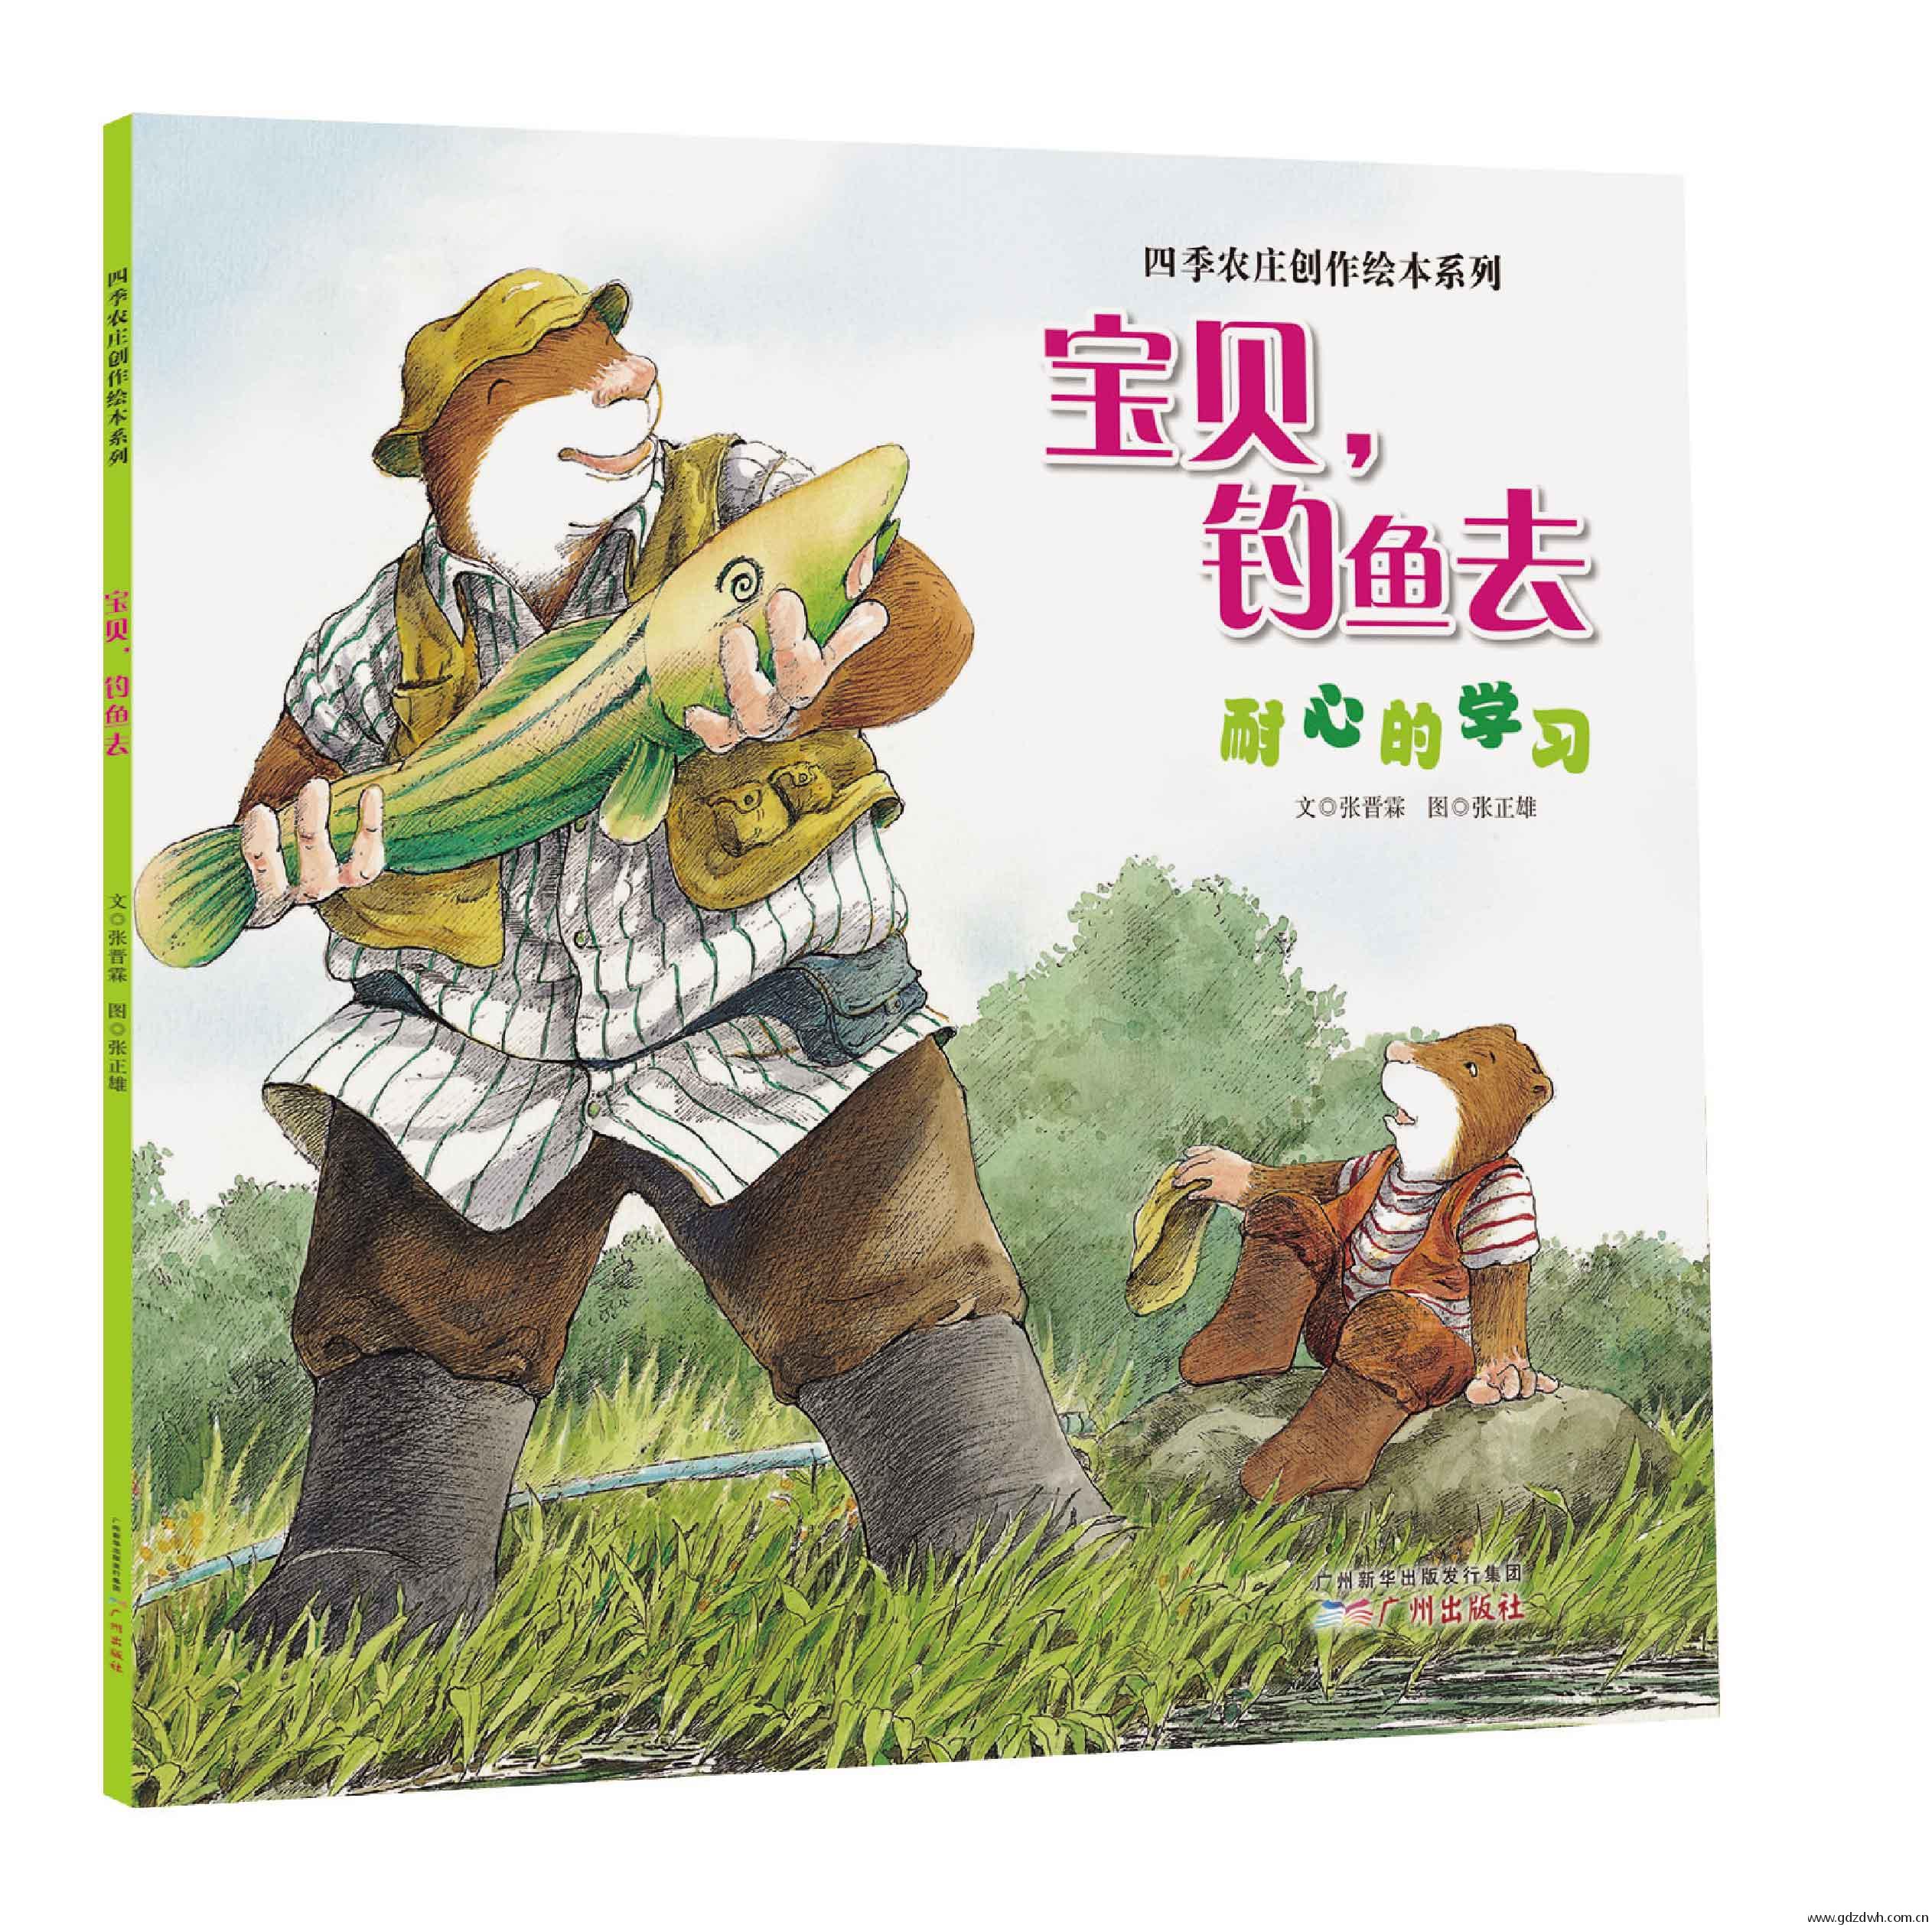 《四季农庄创作绘本系列:宝贝,钓鱼去》